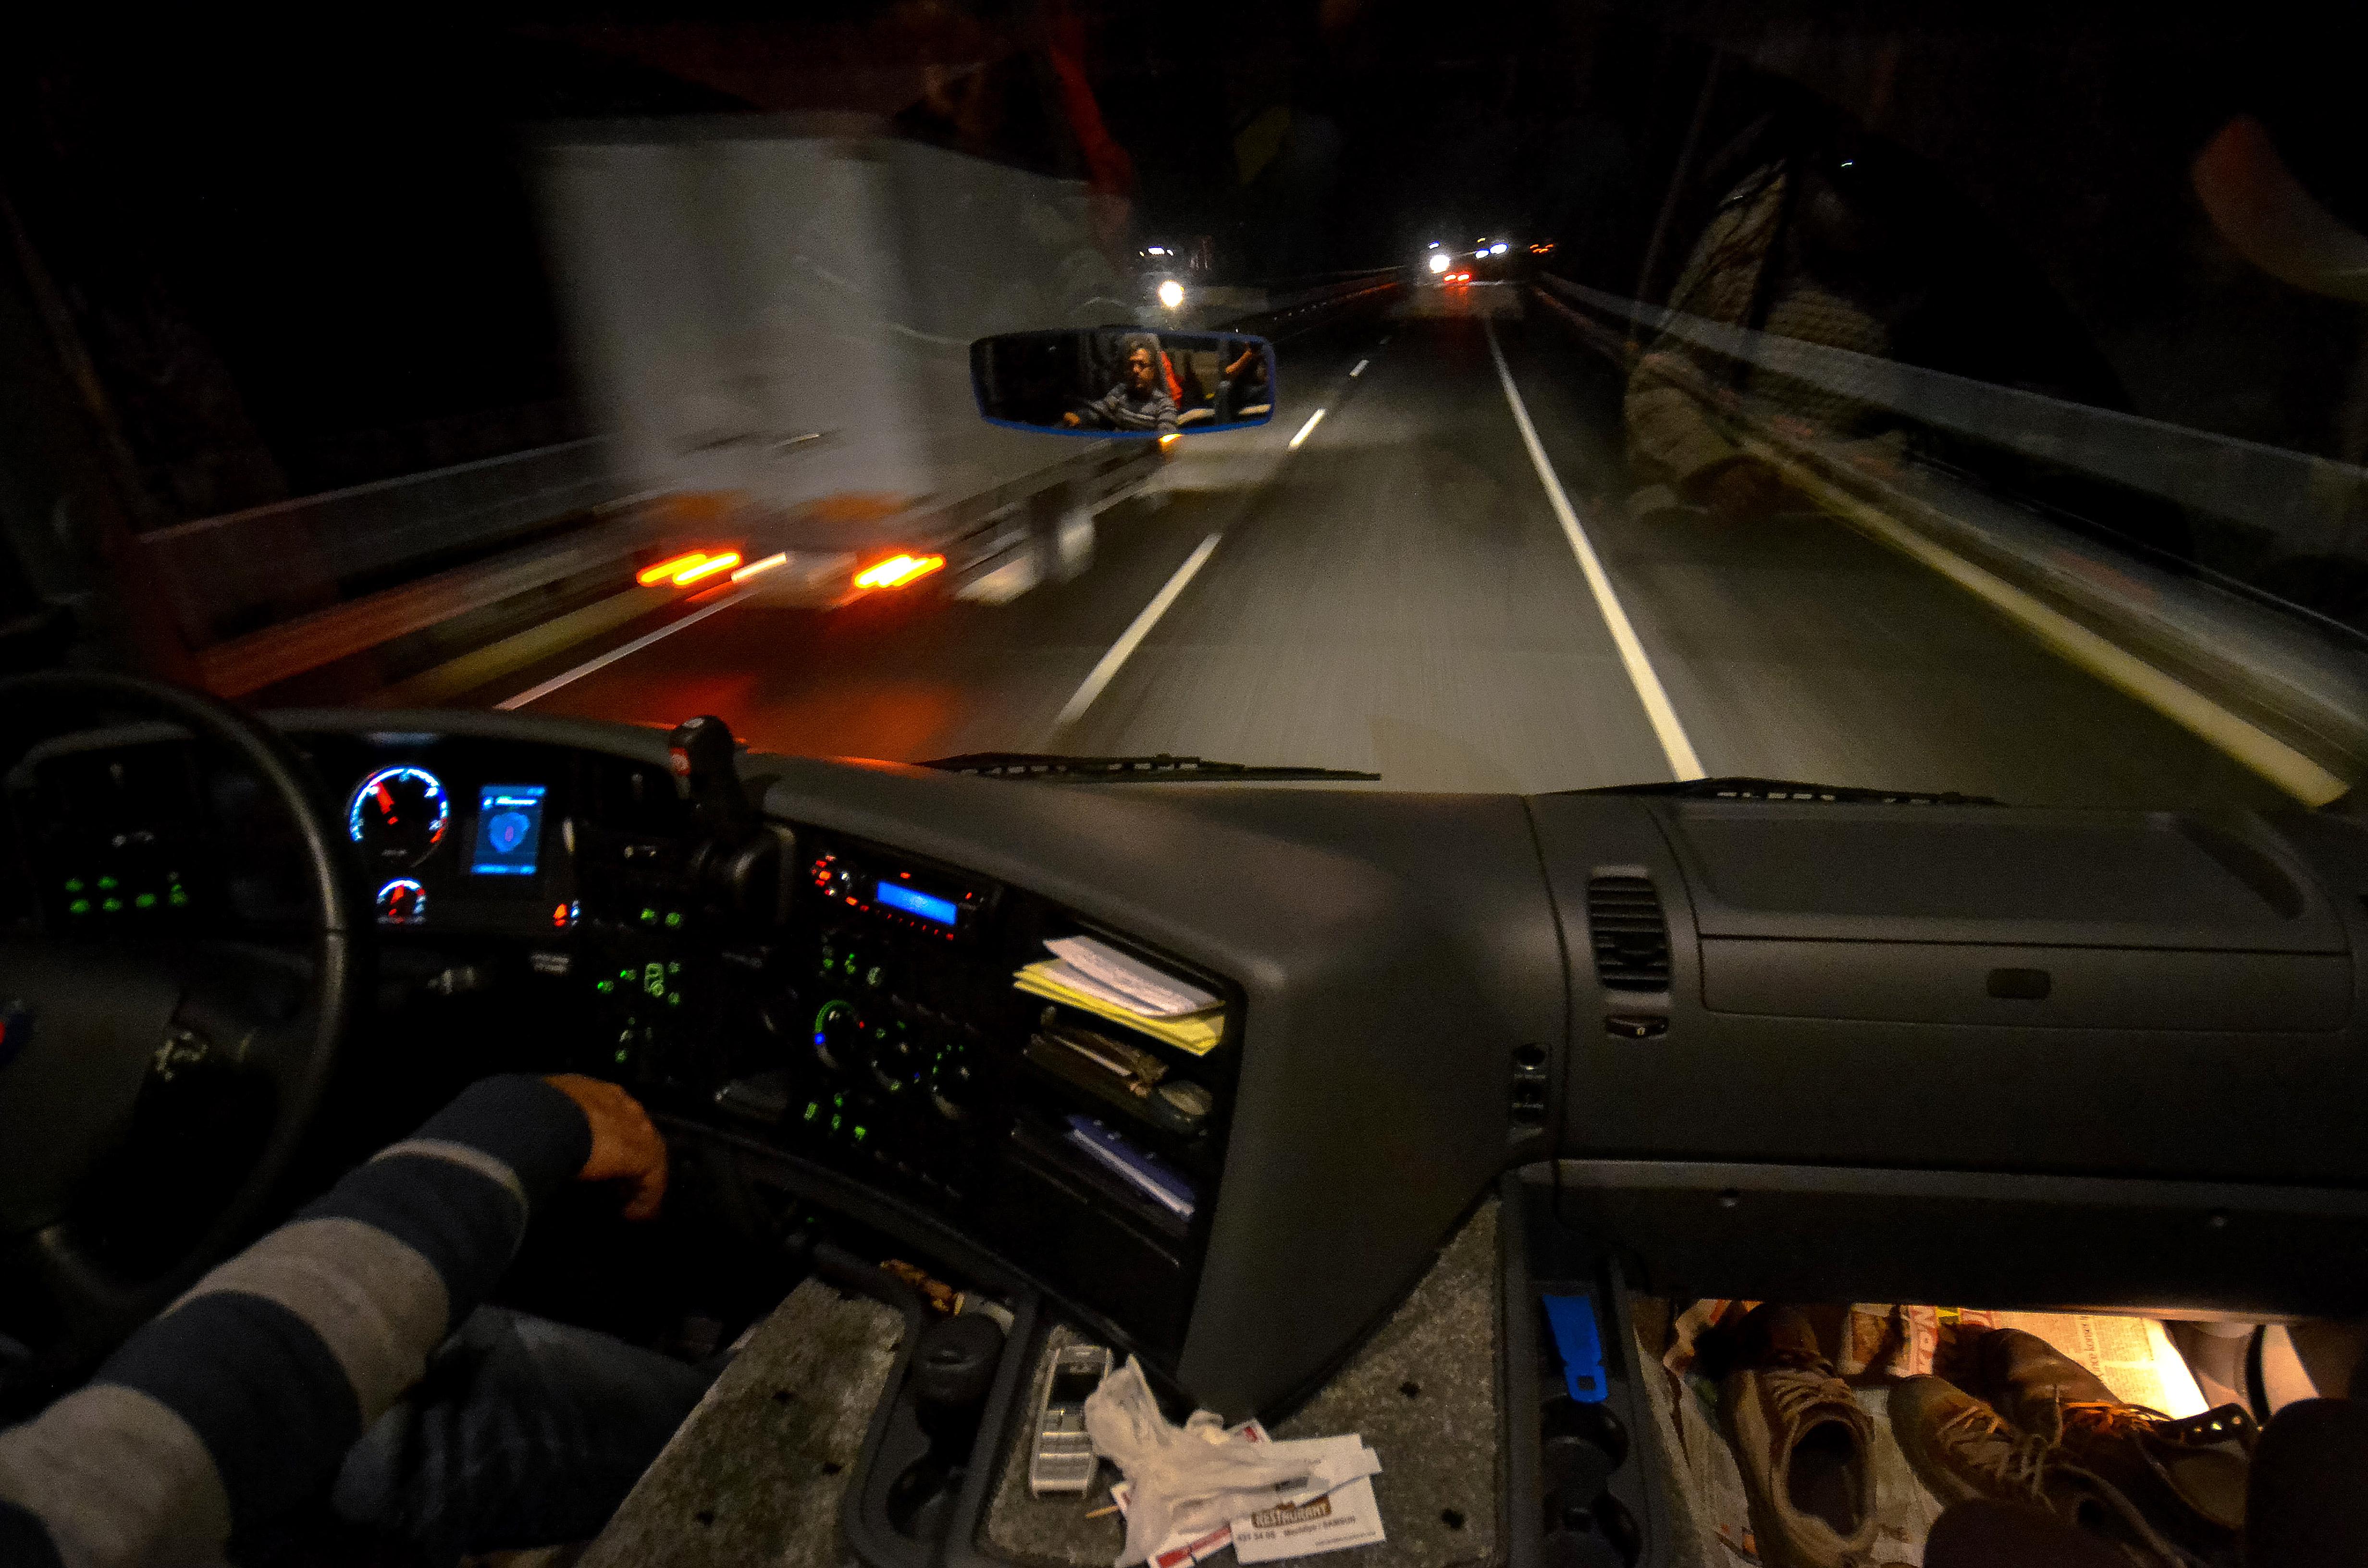 Poza 3 - Autostopul ån doi pe o cursa lunga de noapte cu TIR-ul este ceva foarte rar.